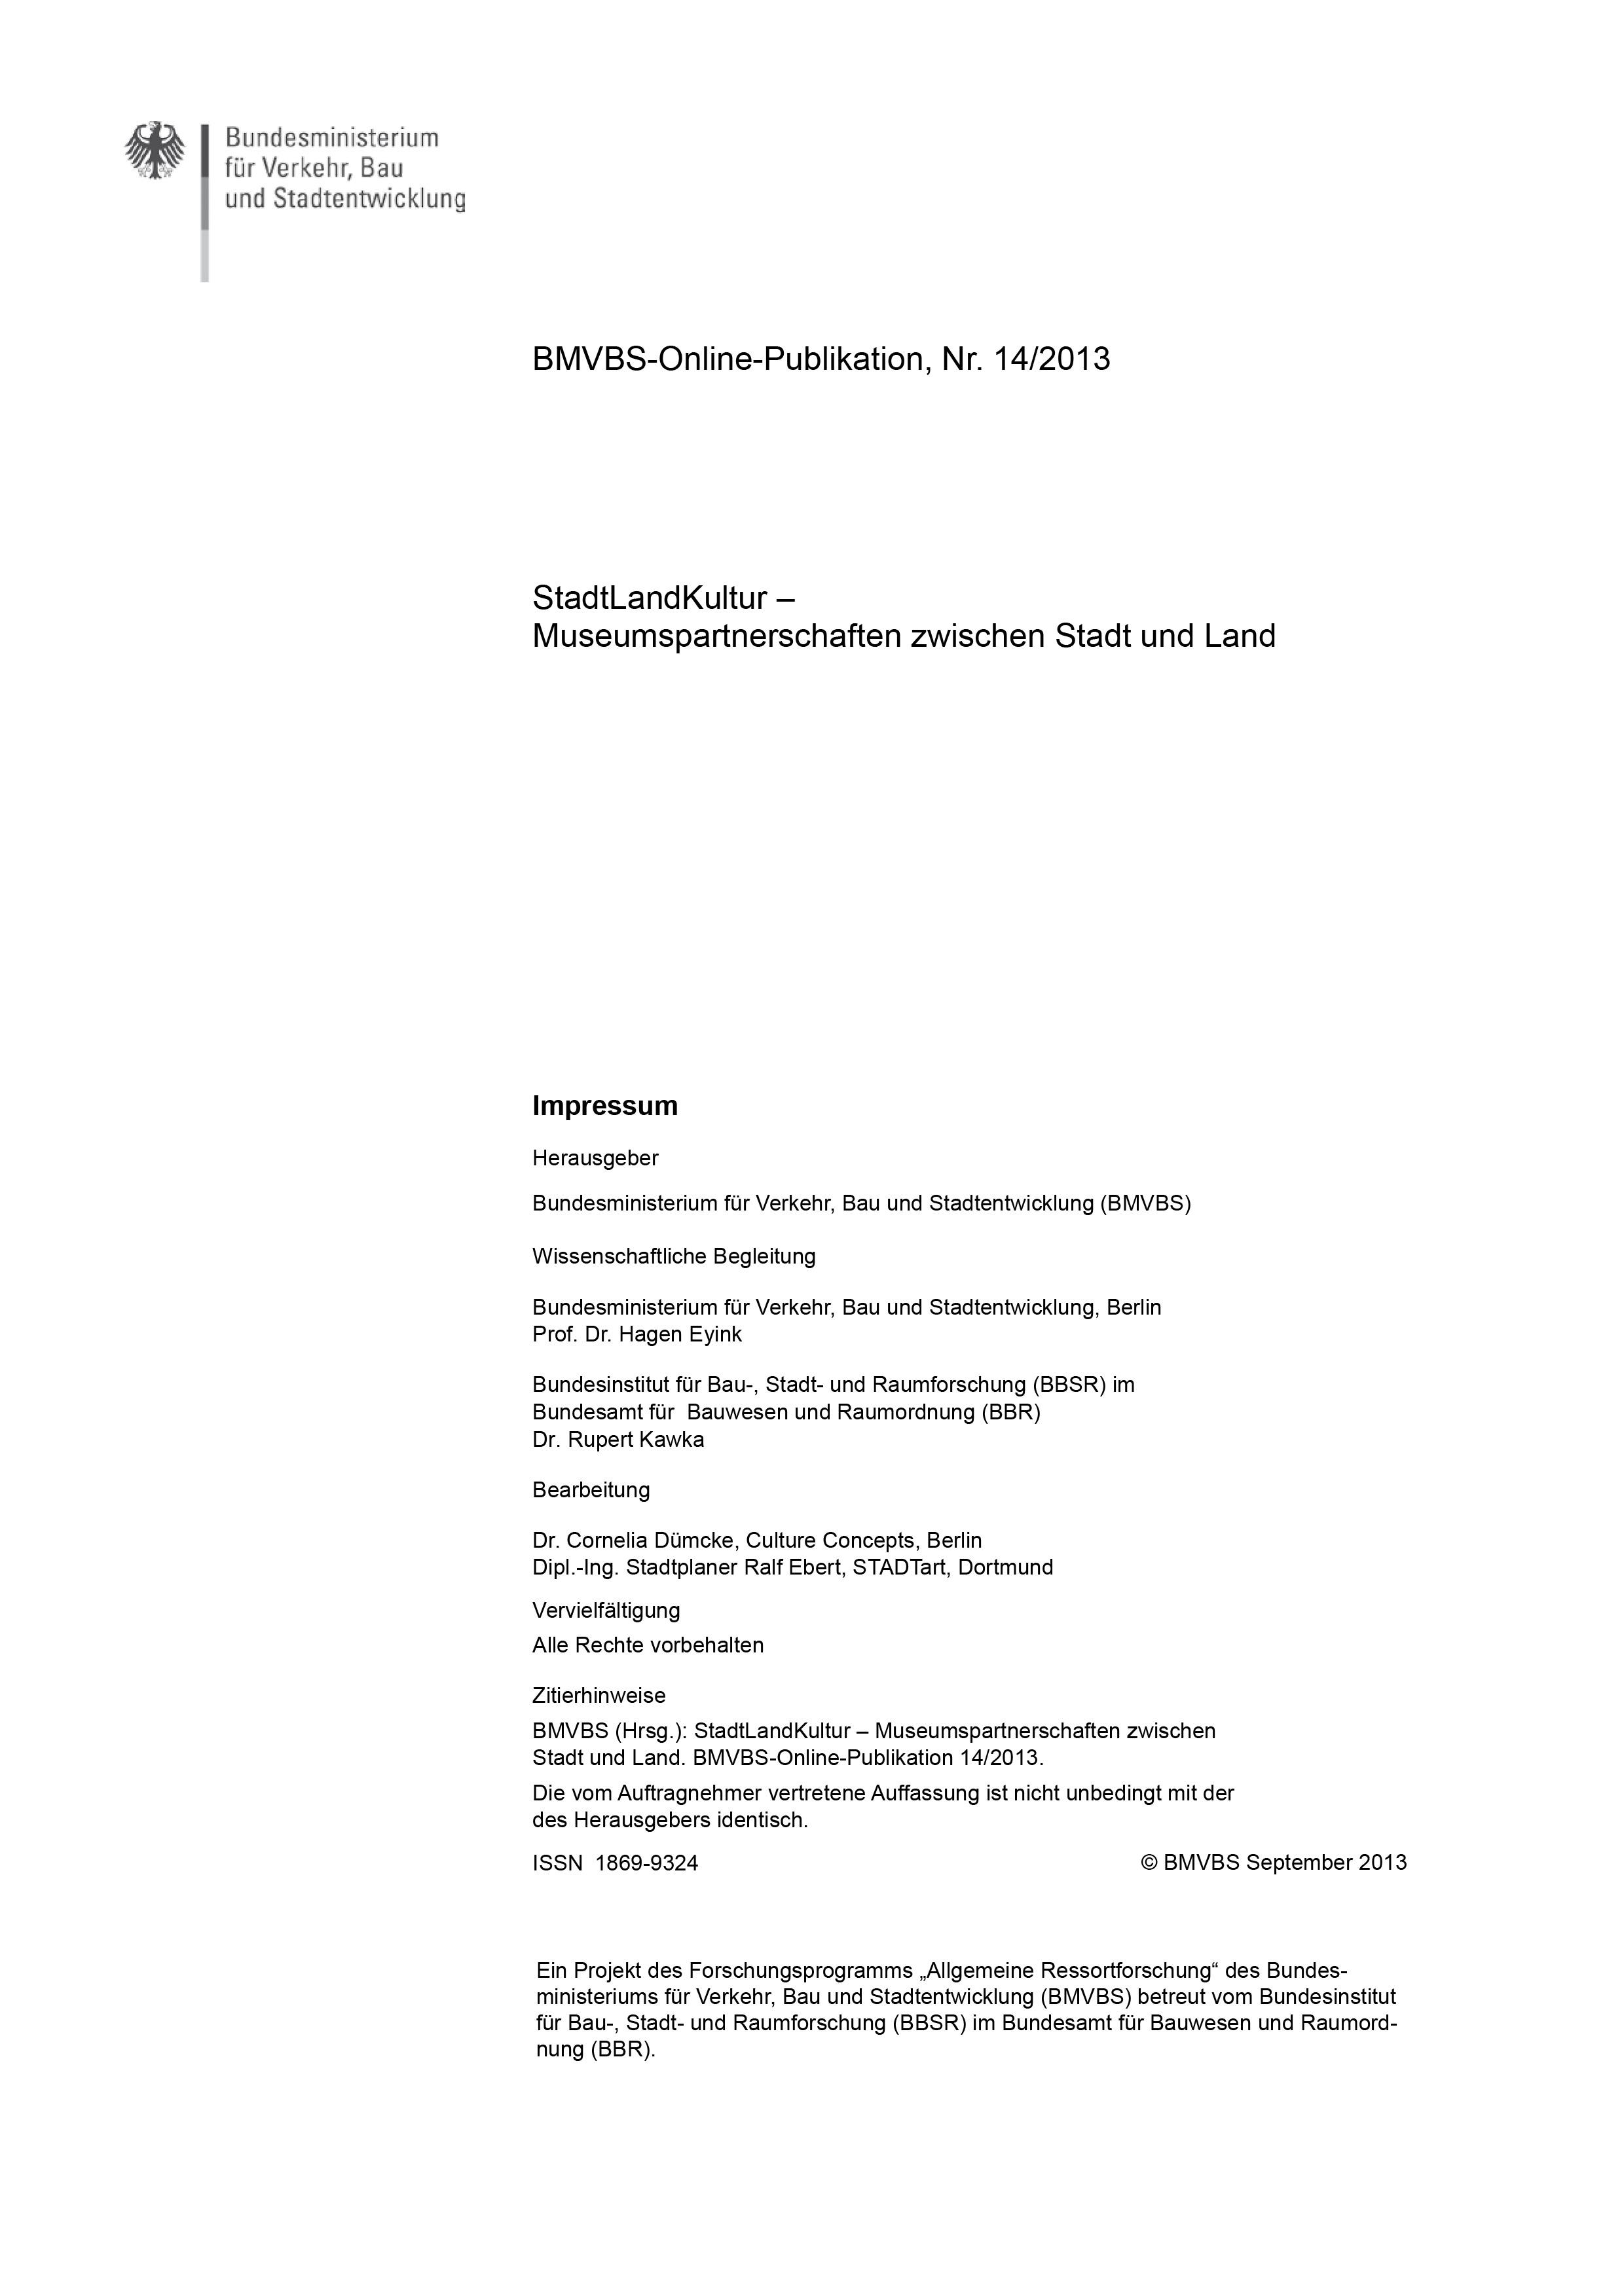 2013_DB_Dümcke_Ebert_Studie Museumspartnerschaften.jpg